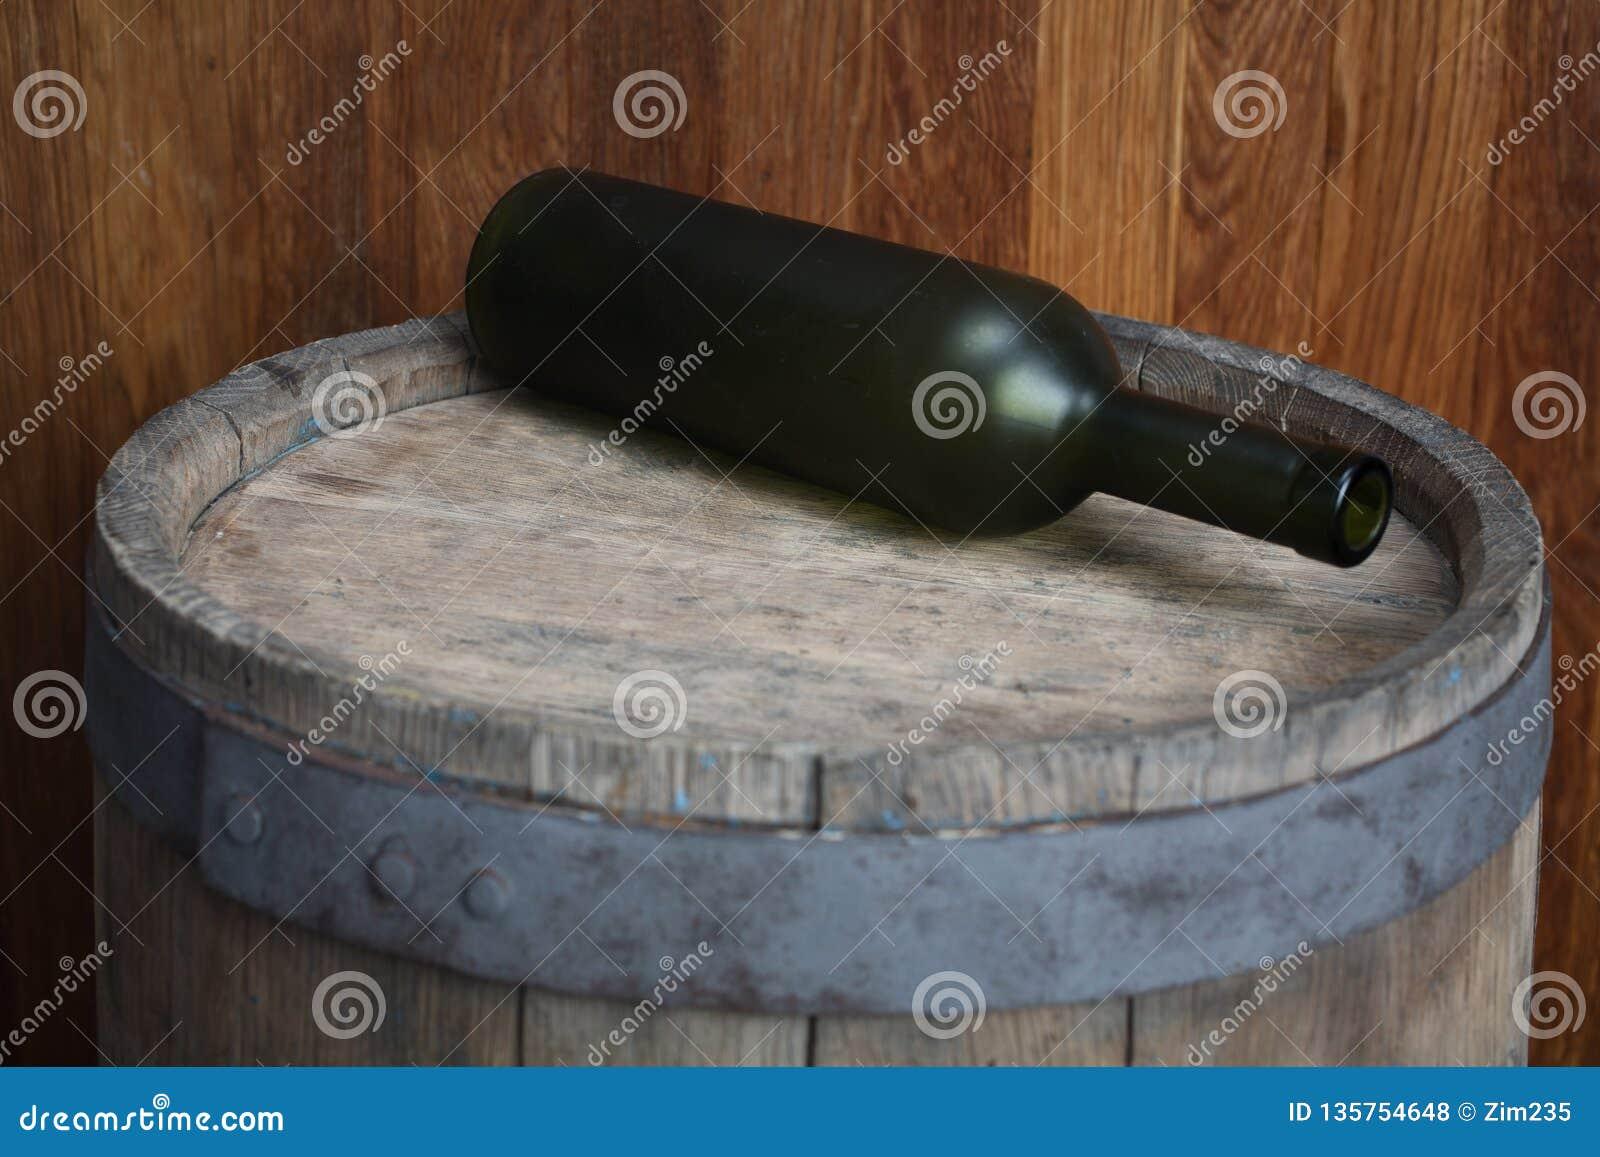 Botella de vino verde vieja